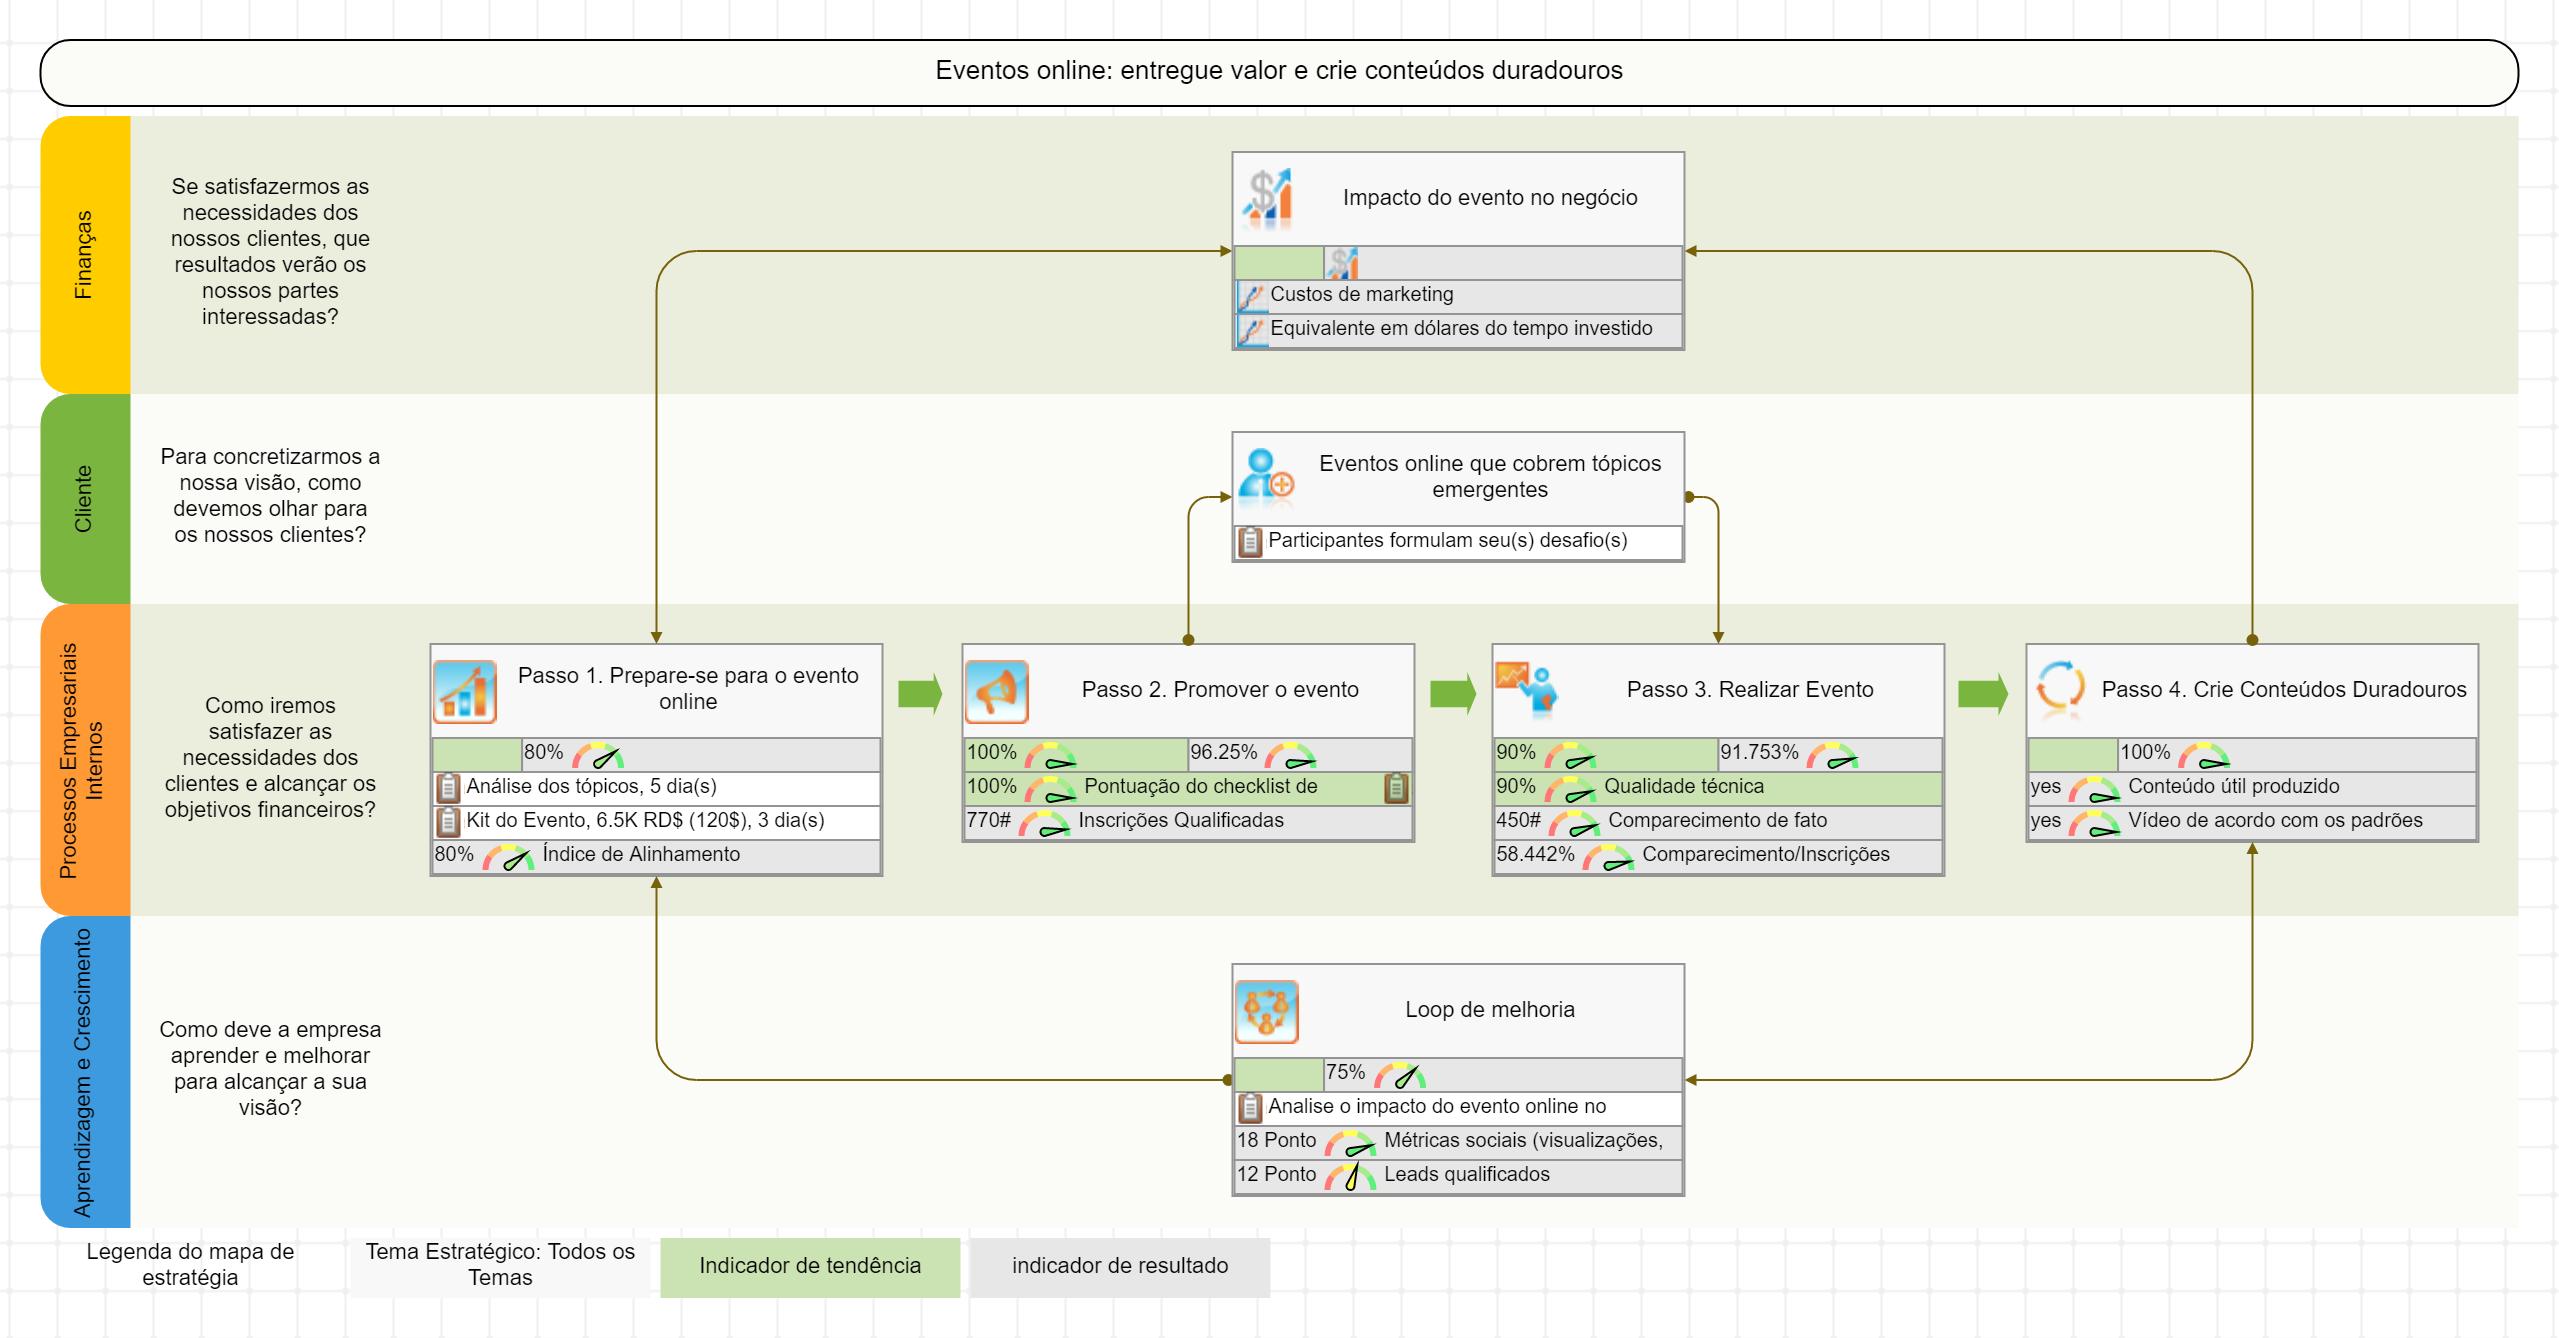 Mapa de processo para eventos online